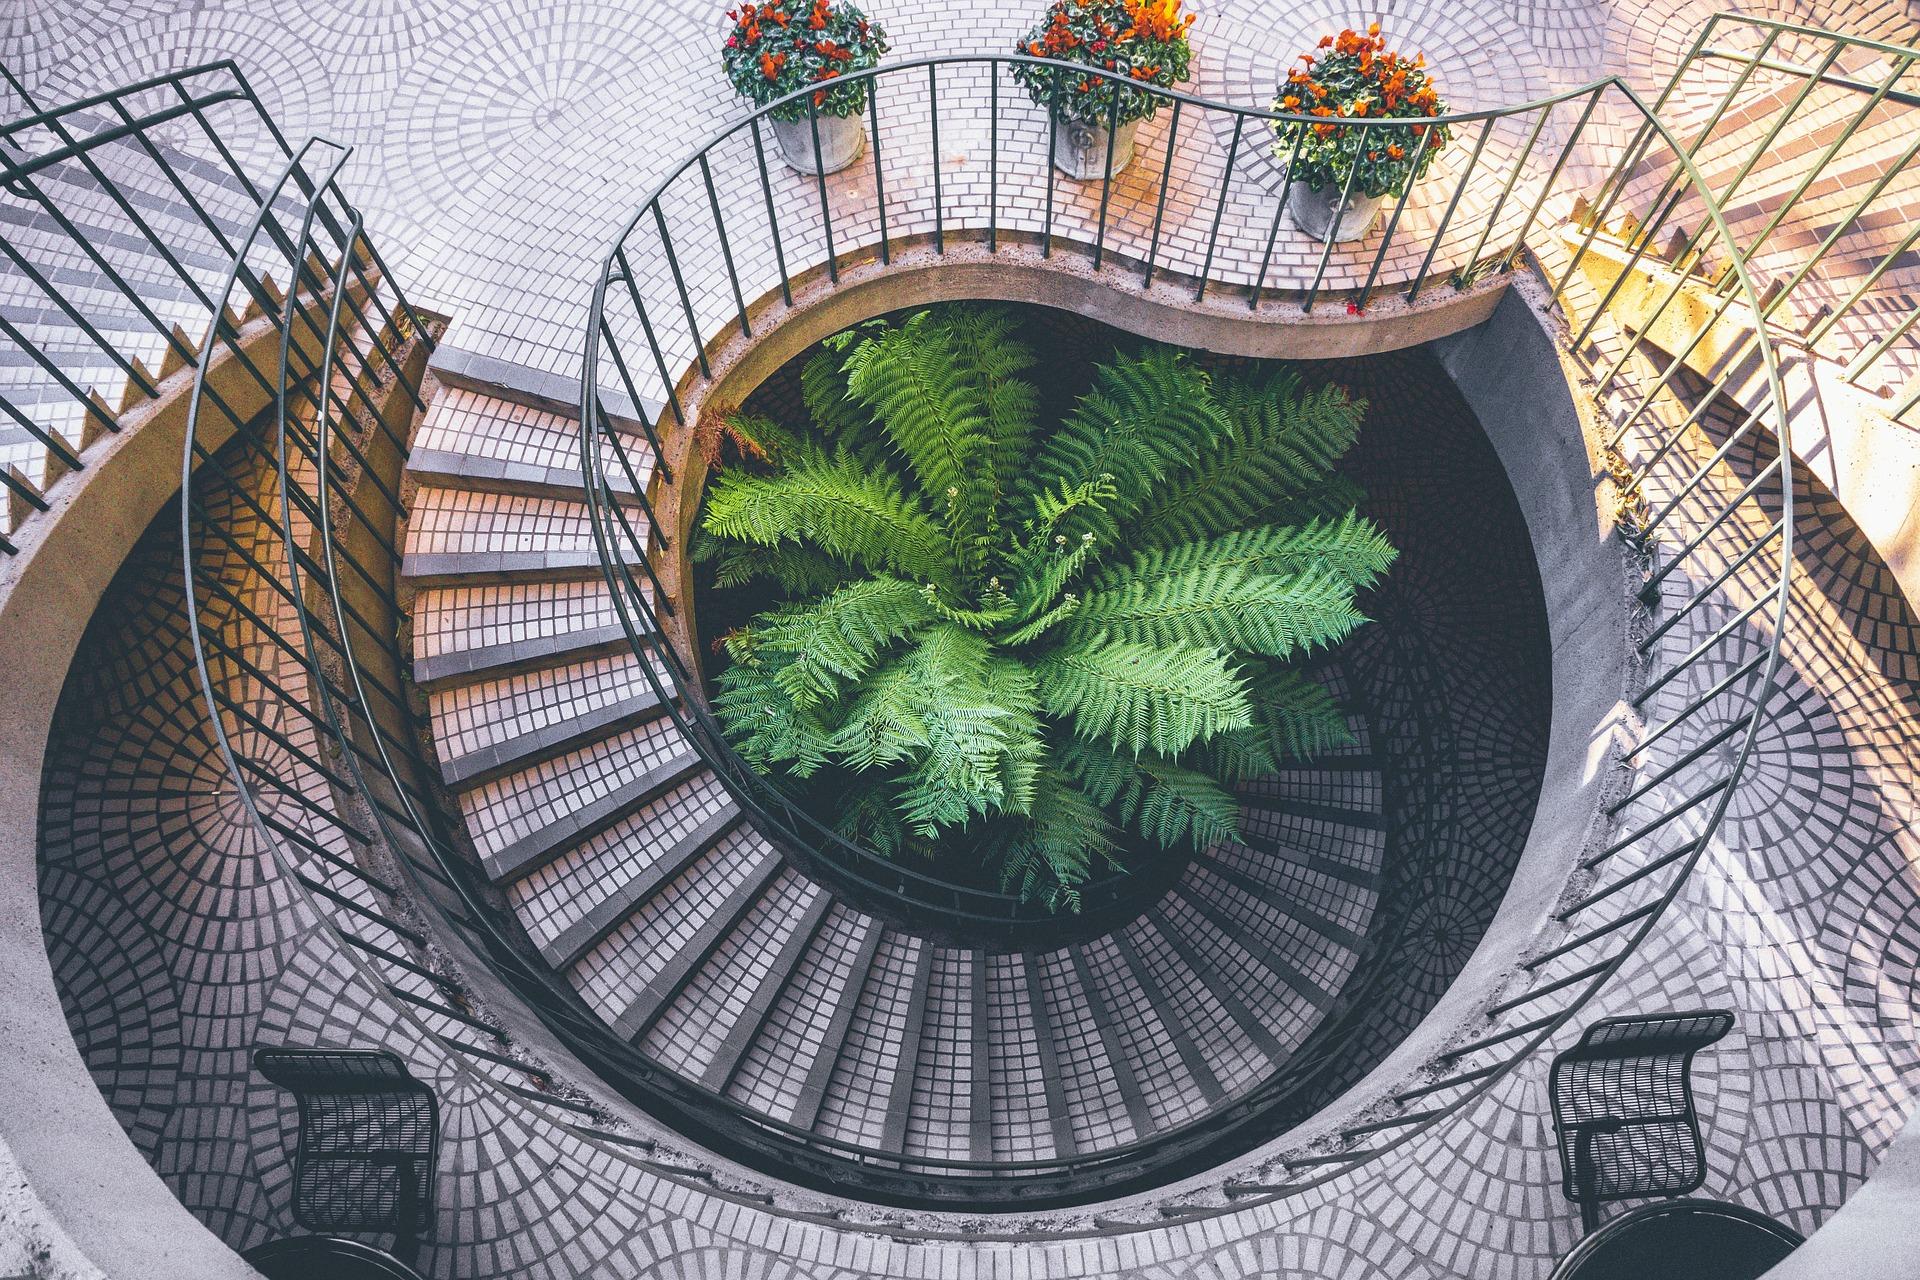 spiral-1149509_1920.jpg